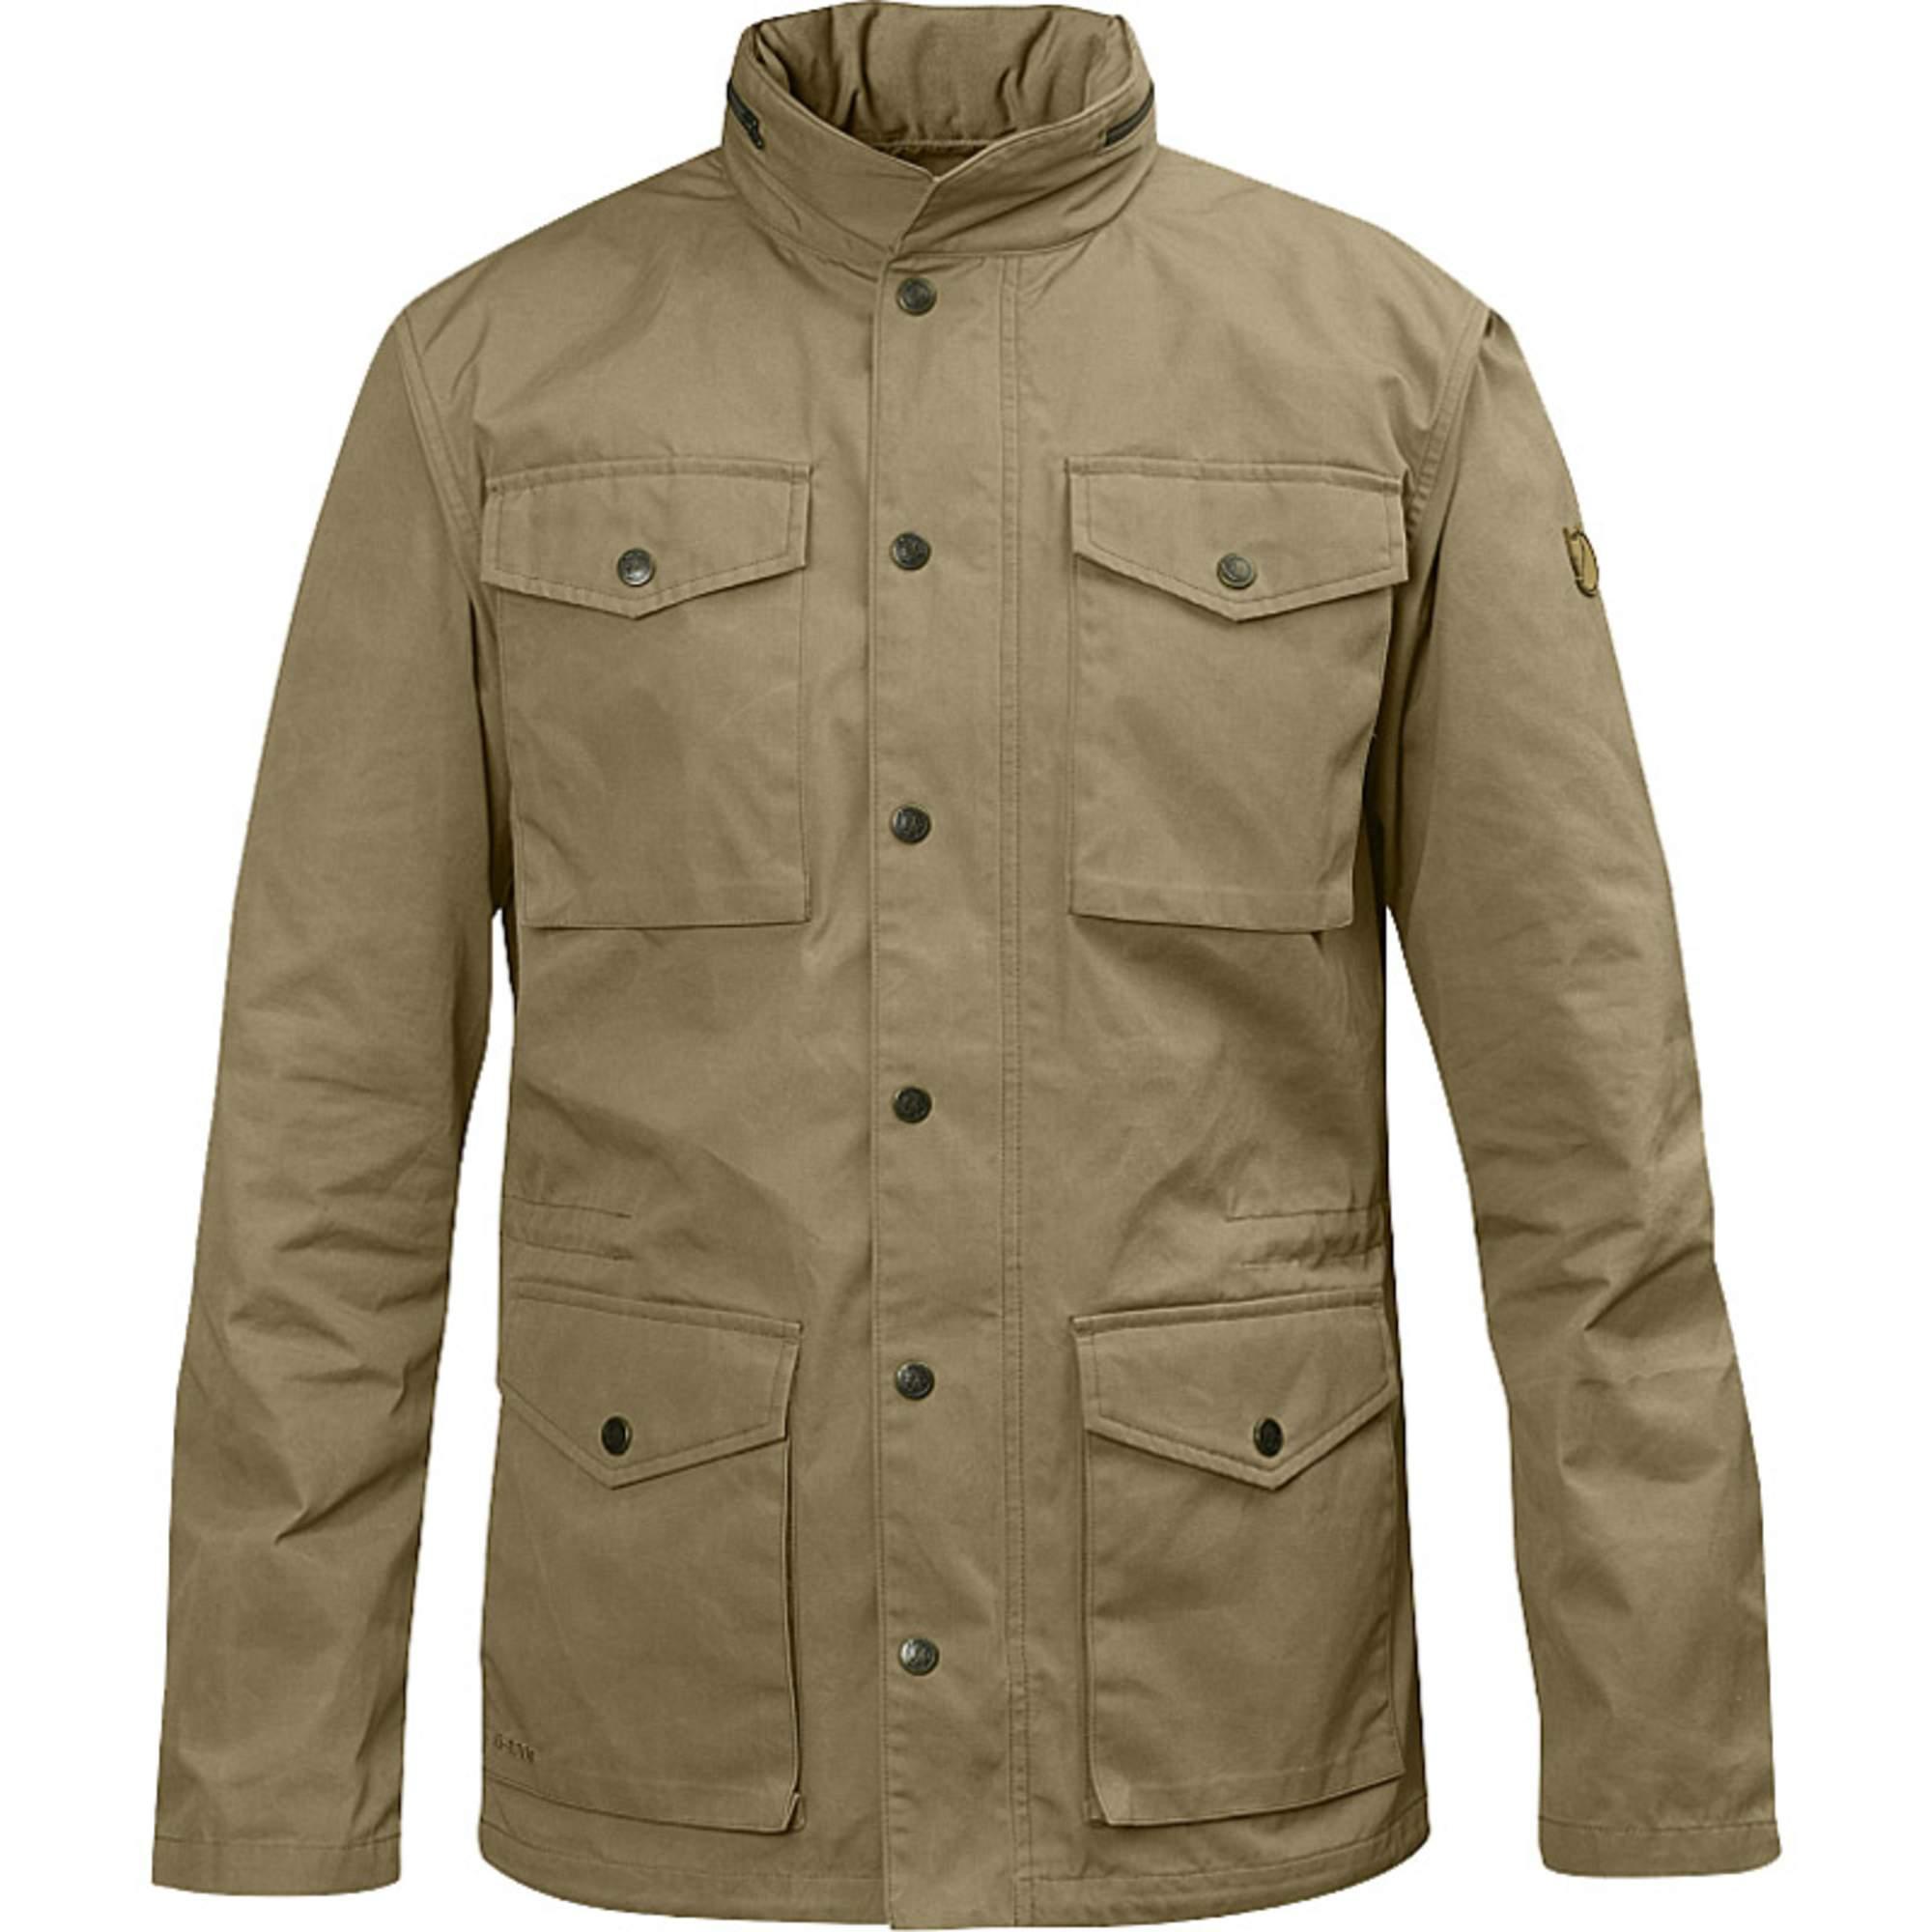 Fjällräven Räven Jacket Herren Gr. XL - beige-sand braun / sand - Übergangsjacken 82422 220